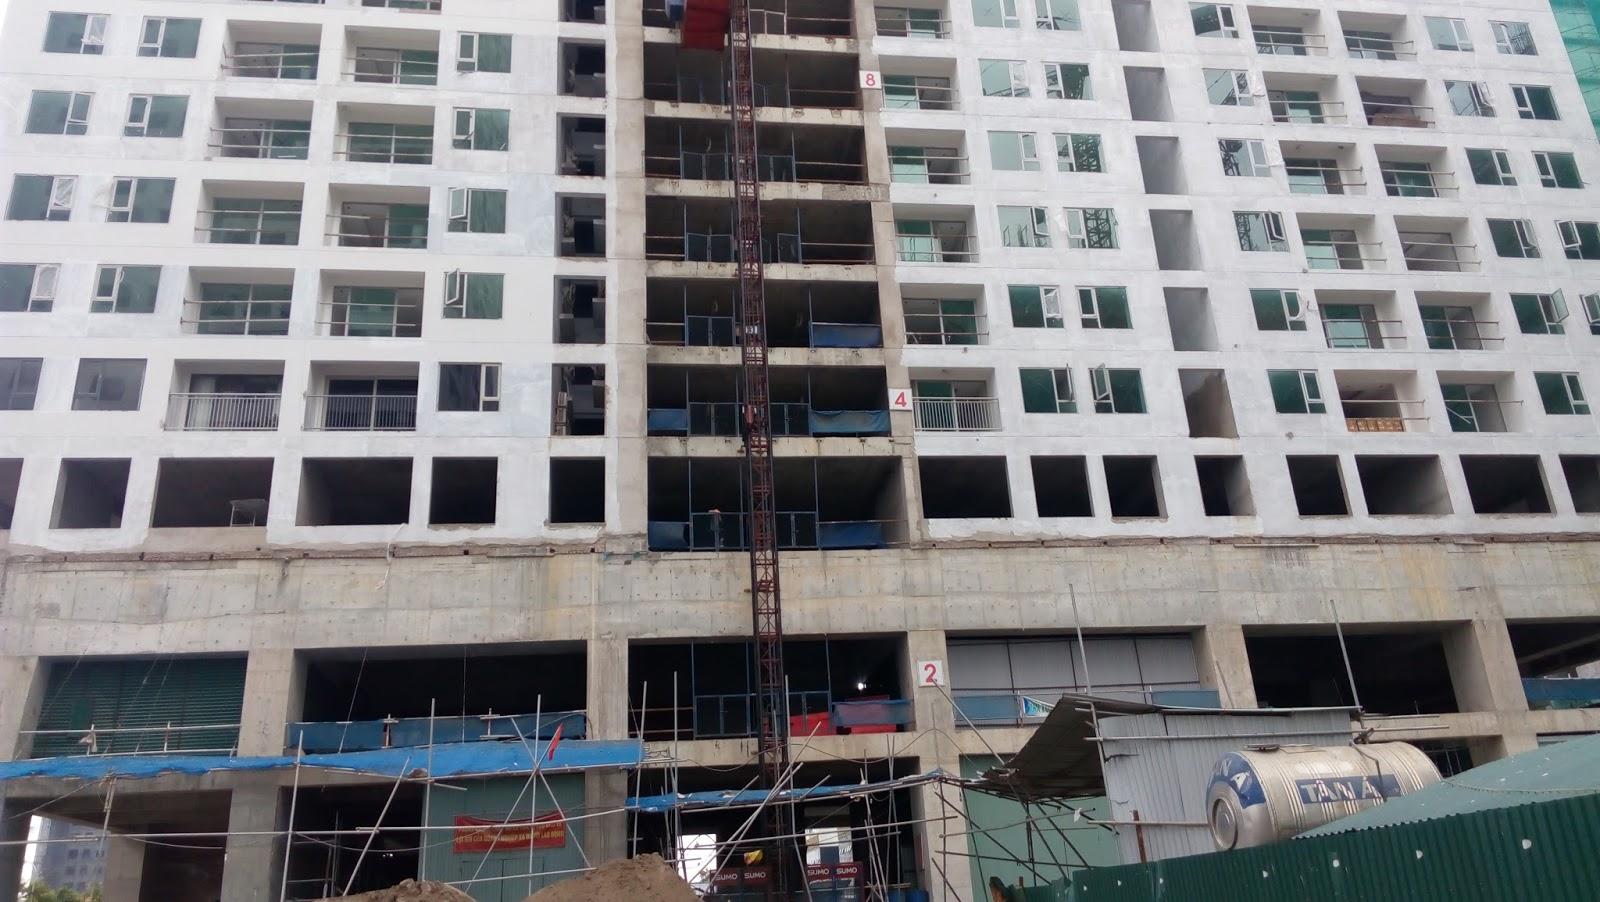 Cập nhật tiến độ xây dựng chung cư Taseco Complex ngày 17/6/2016